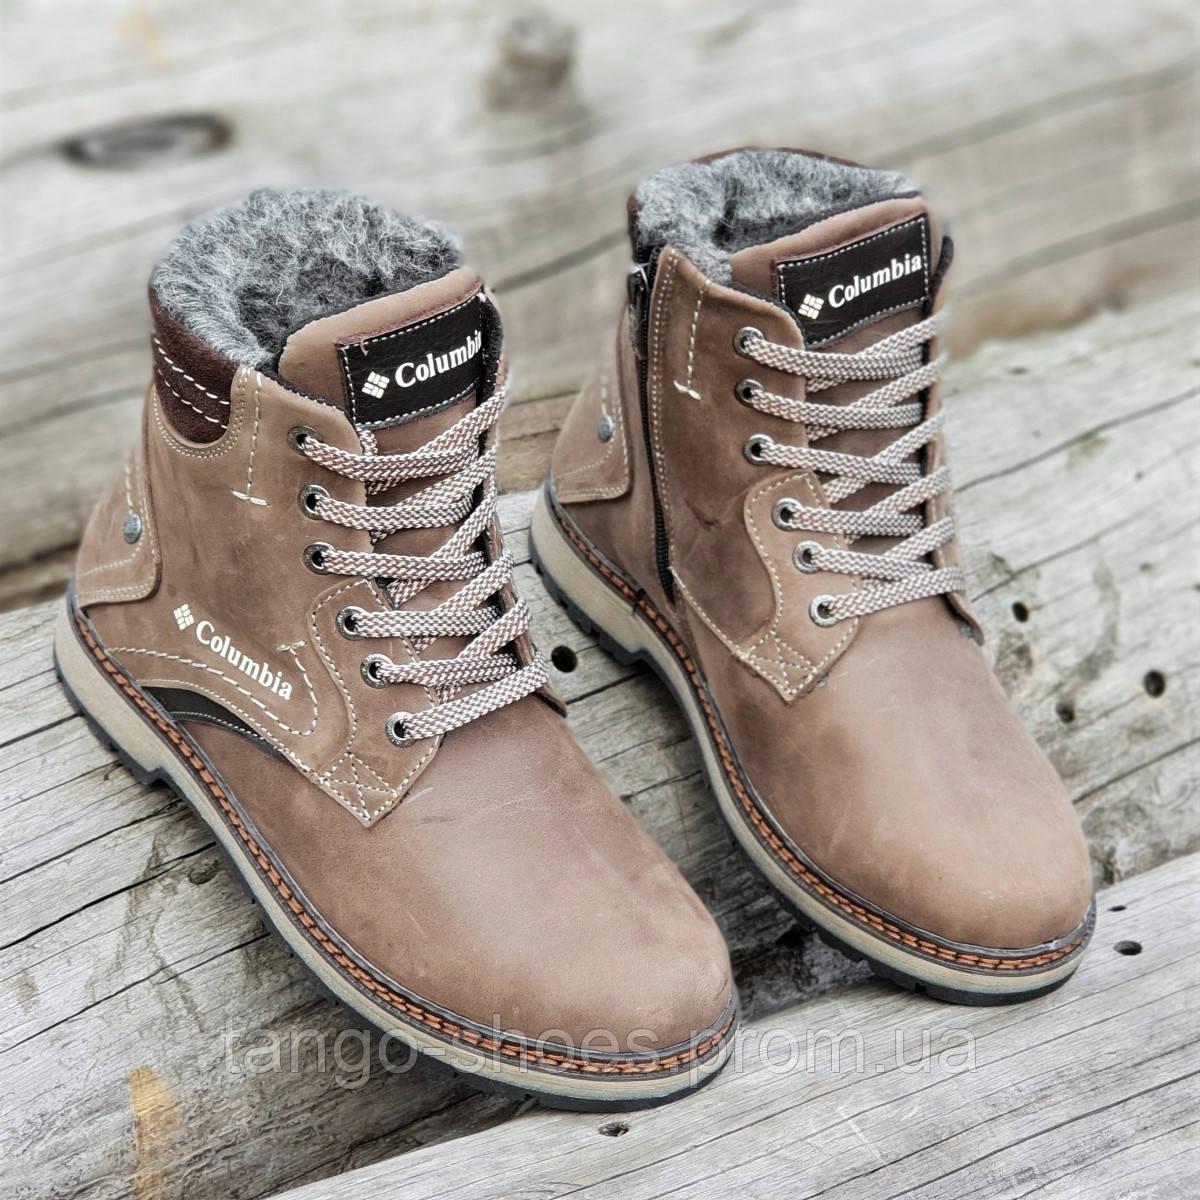 e711204ad Подростковые зимние ботинки для мальчика на шнурках и молнии кожаные  коричневые на меху прошиты (Код